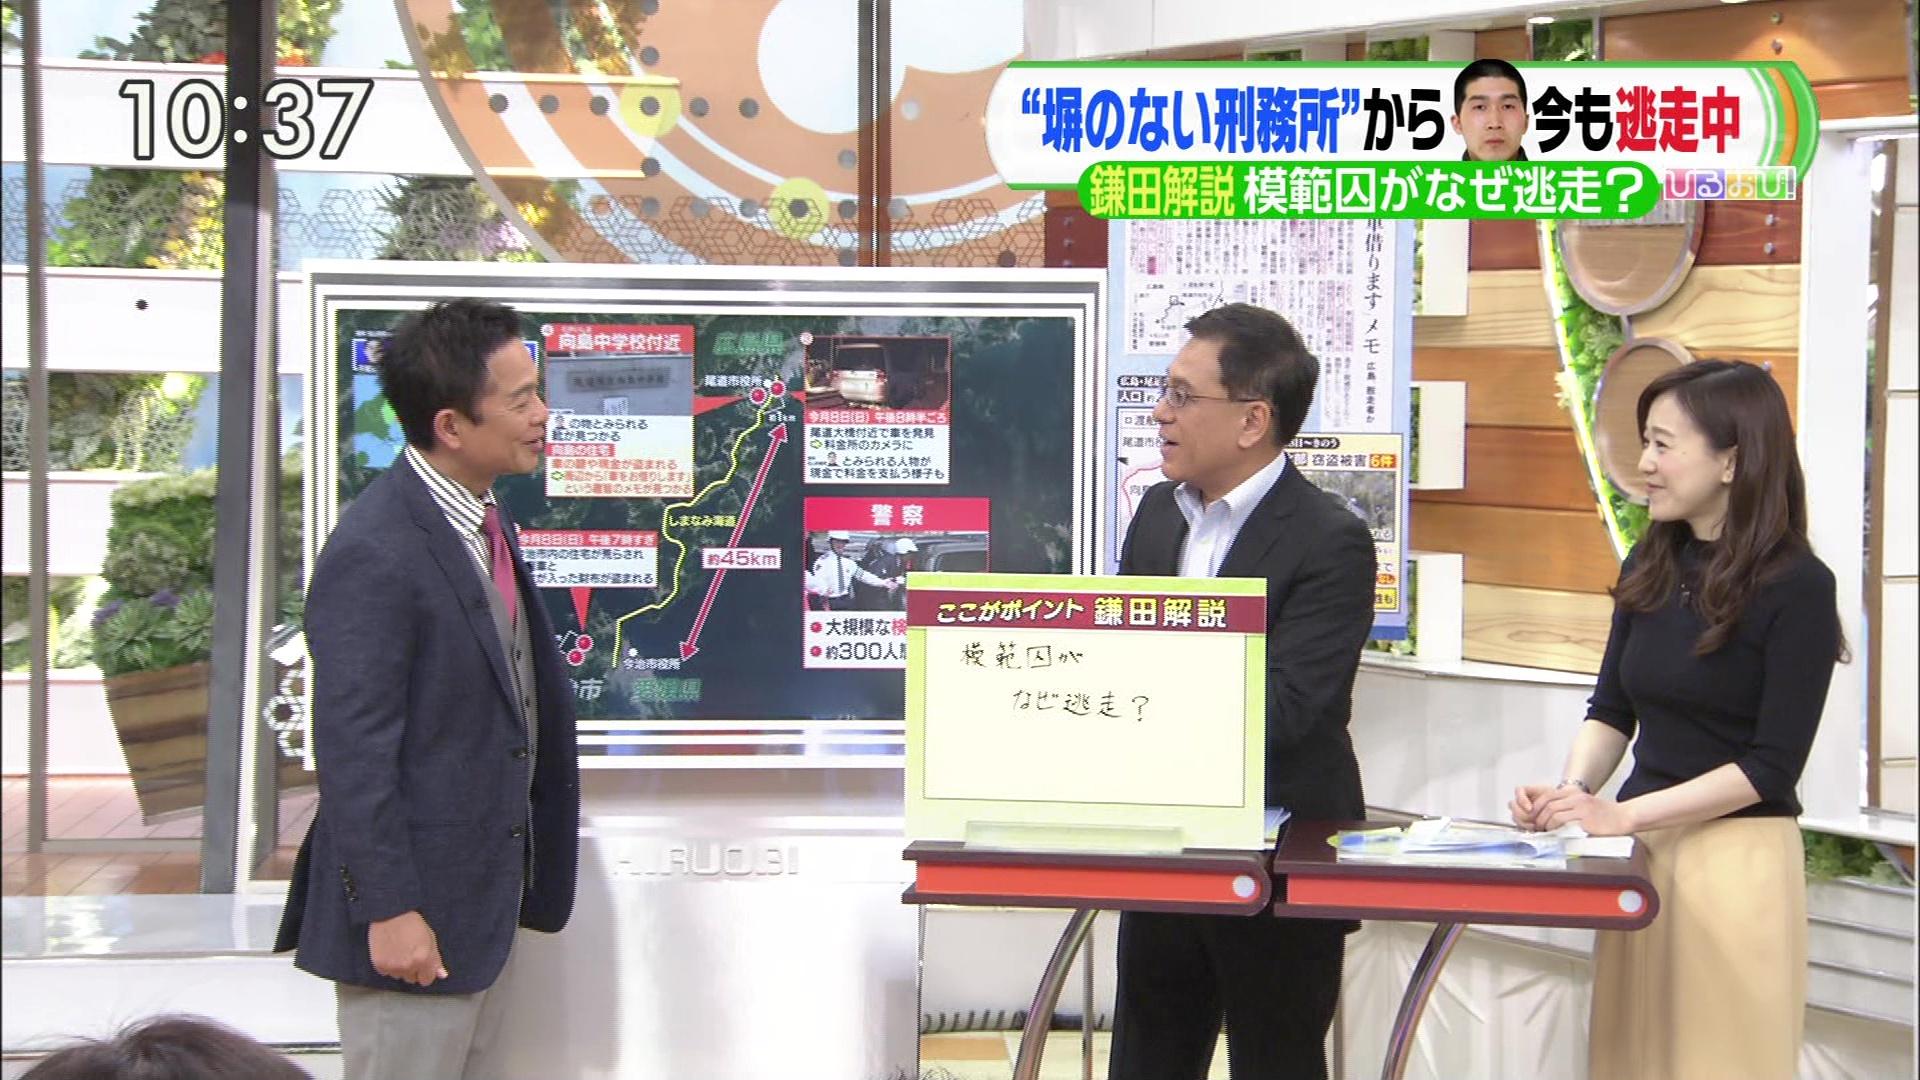 隠れ巨乳・江藤愛さんのおっぱいの突起011